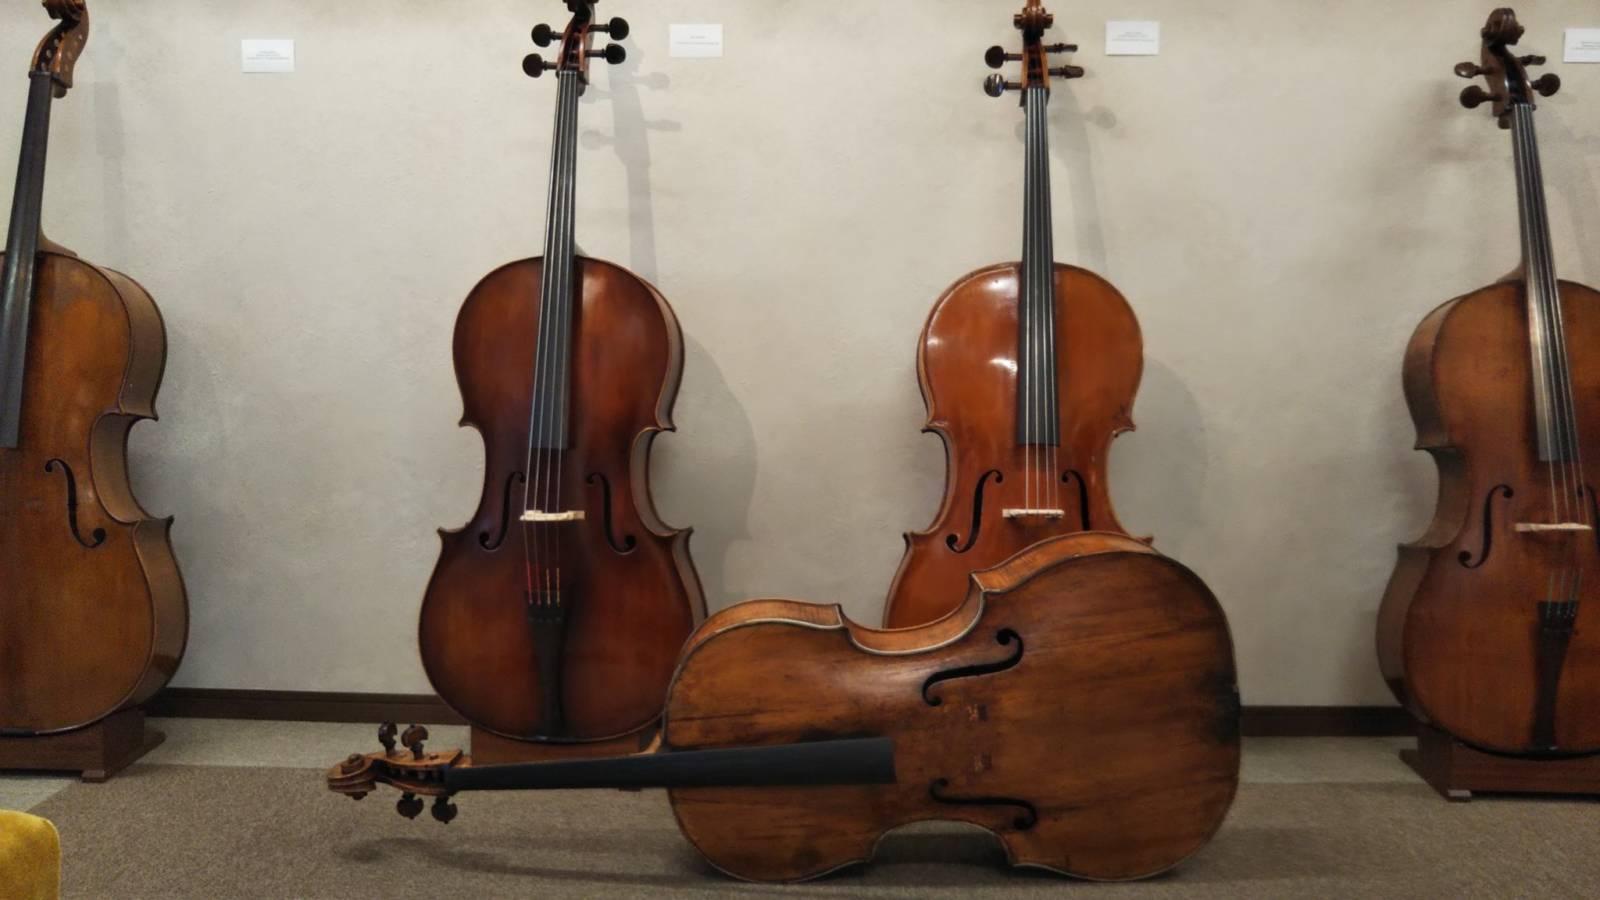 秋のバイオリン、チェロのご案内と新入荷